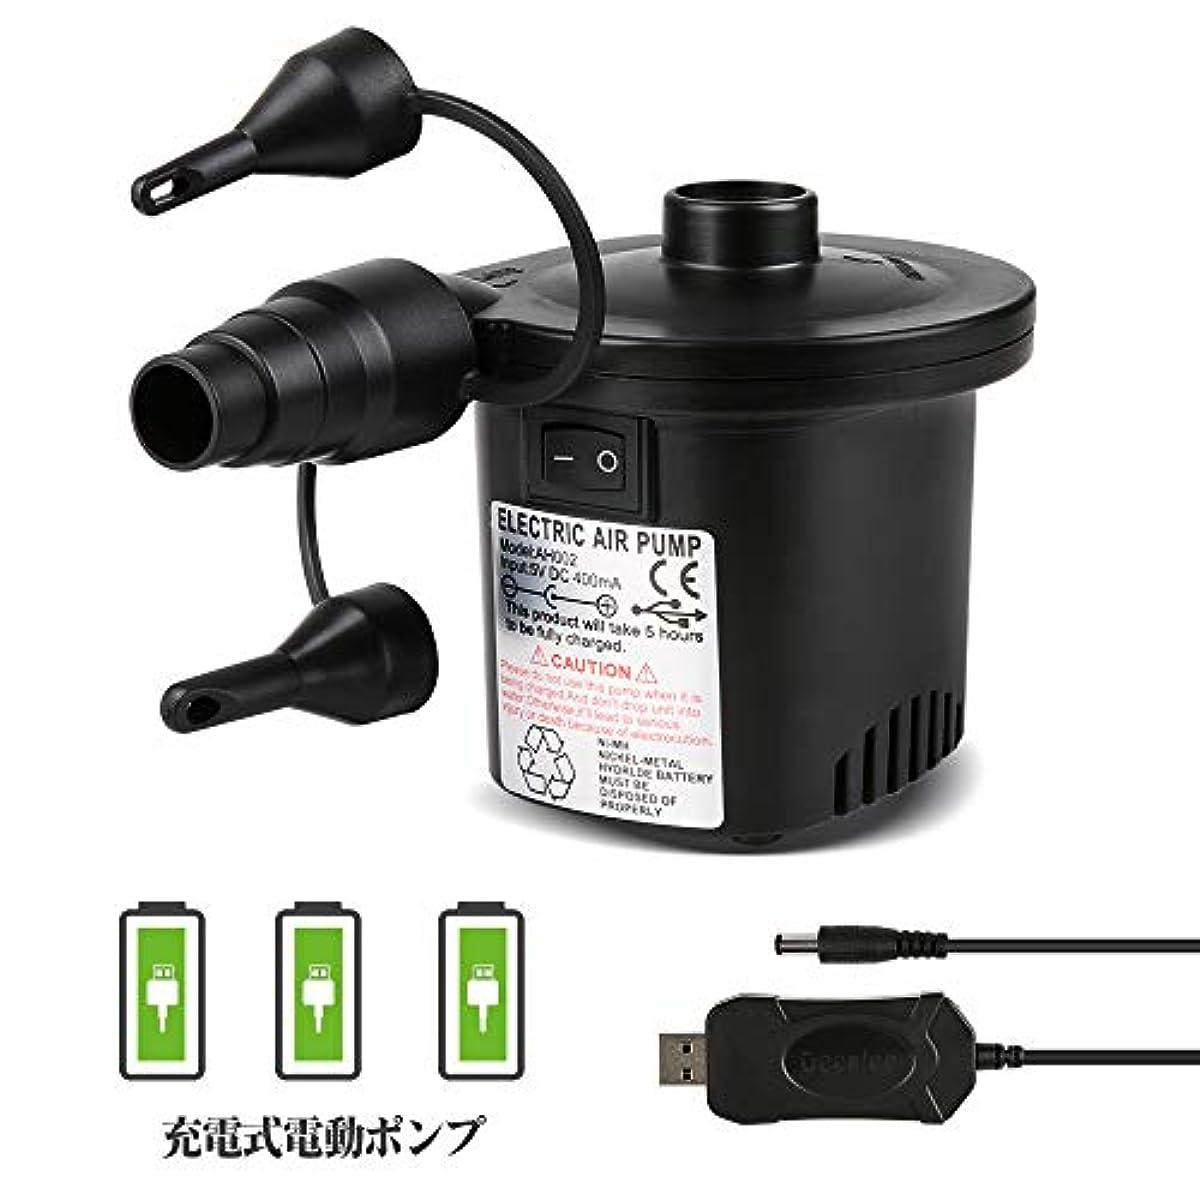 [해외] DEEPLEE 충전식 전동 에어 펌프 DC5V 공기 만들어 넣음담는 그릇·상자 등&공기 빼기량 대응 노즐 부착 에어 매트 낚시찌 큐빅스톤아가게 적용 USB케이블 부착 상자 안에 들어 있음소중히 건직함